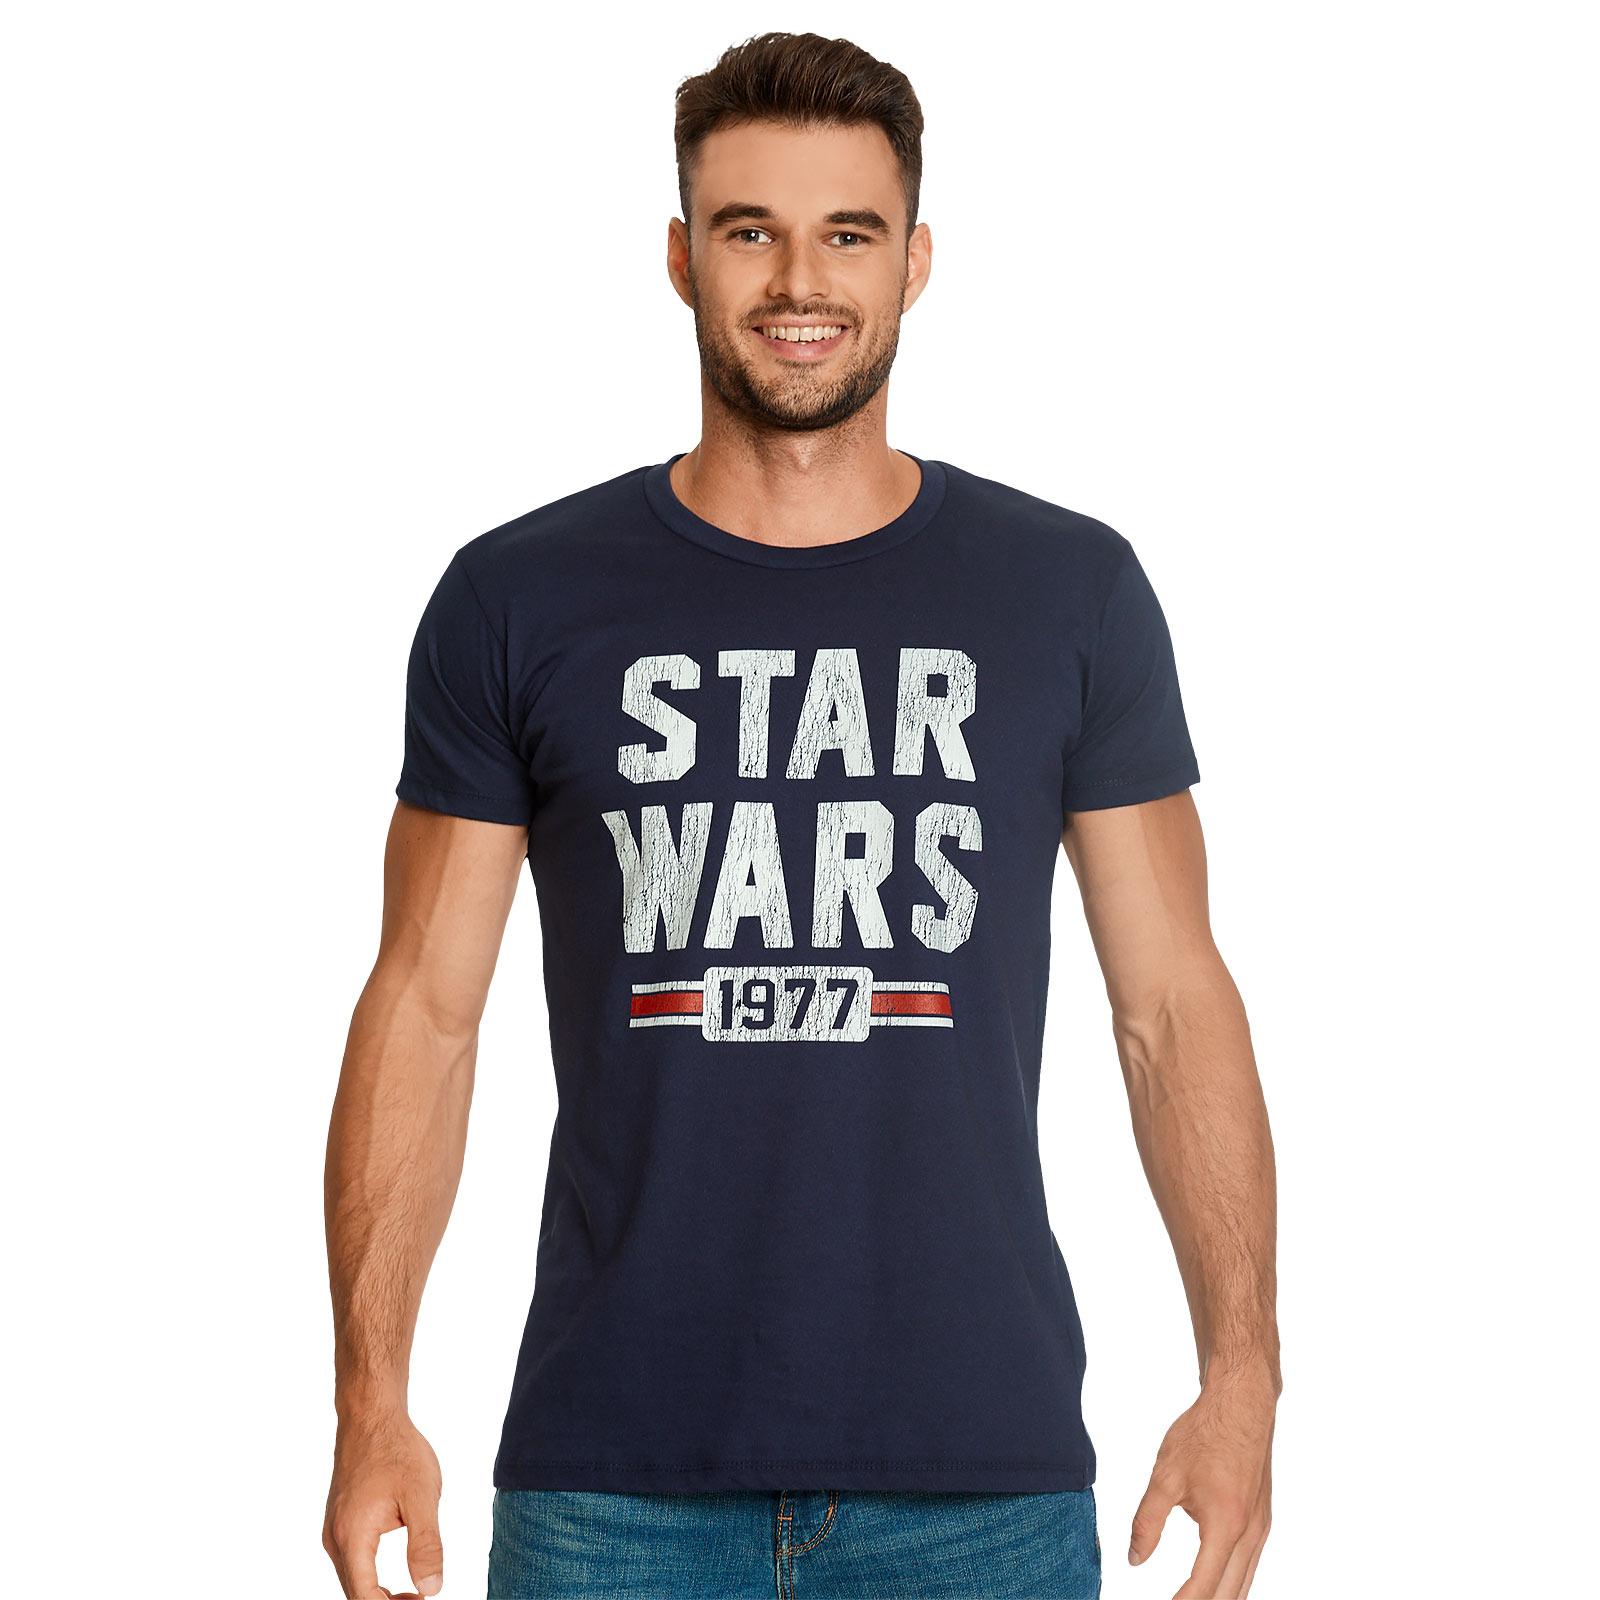 Star Wars of 1977 Distressed T-Shirt blau